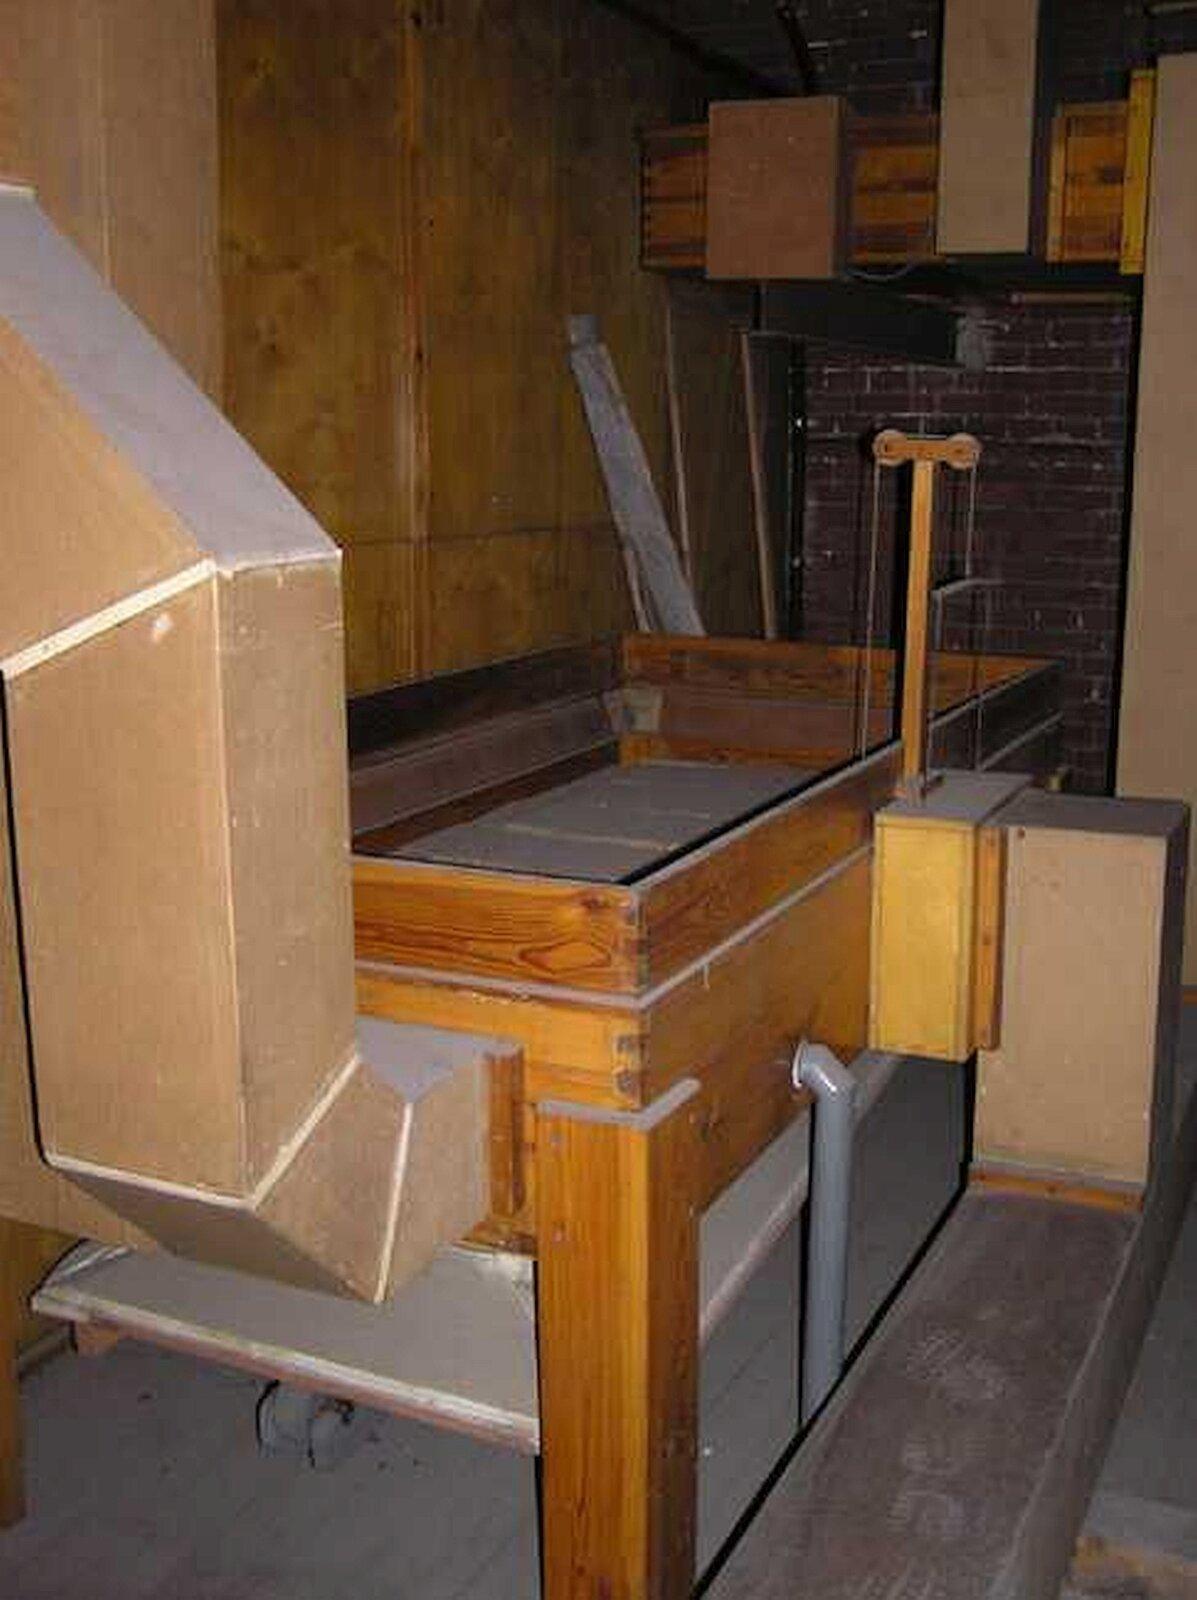 Miech organowy. Na zdjęciu drewniana obudowa, podobna do wysokiego łóżka. Wśrodku znajduje się miech. Na tym zdjęciu nie ma dźwigni, ponieważ ten miech pracuje na prąd.